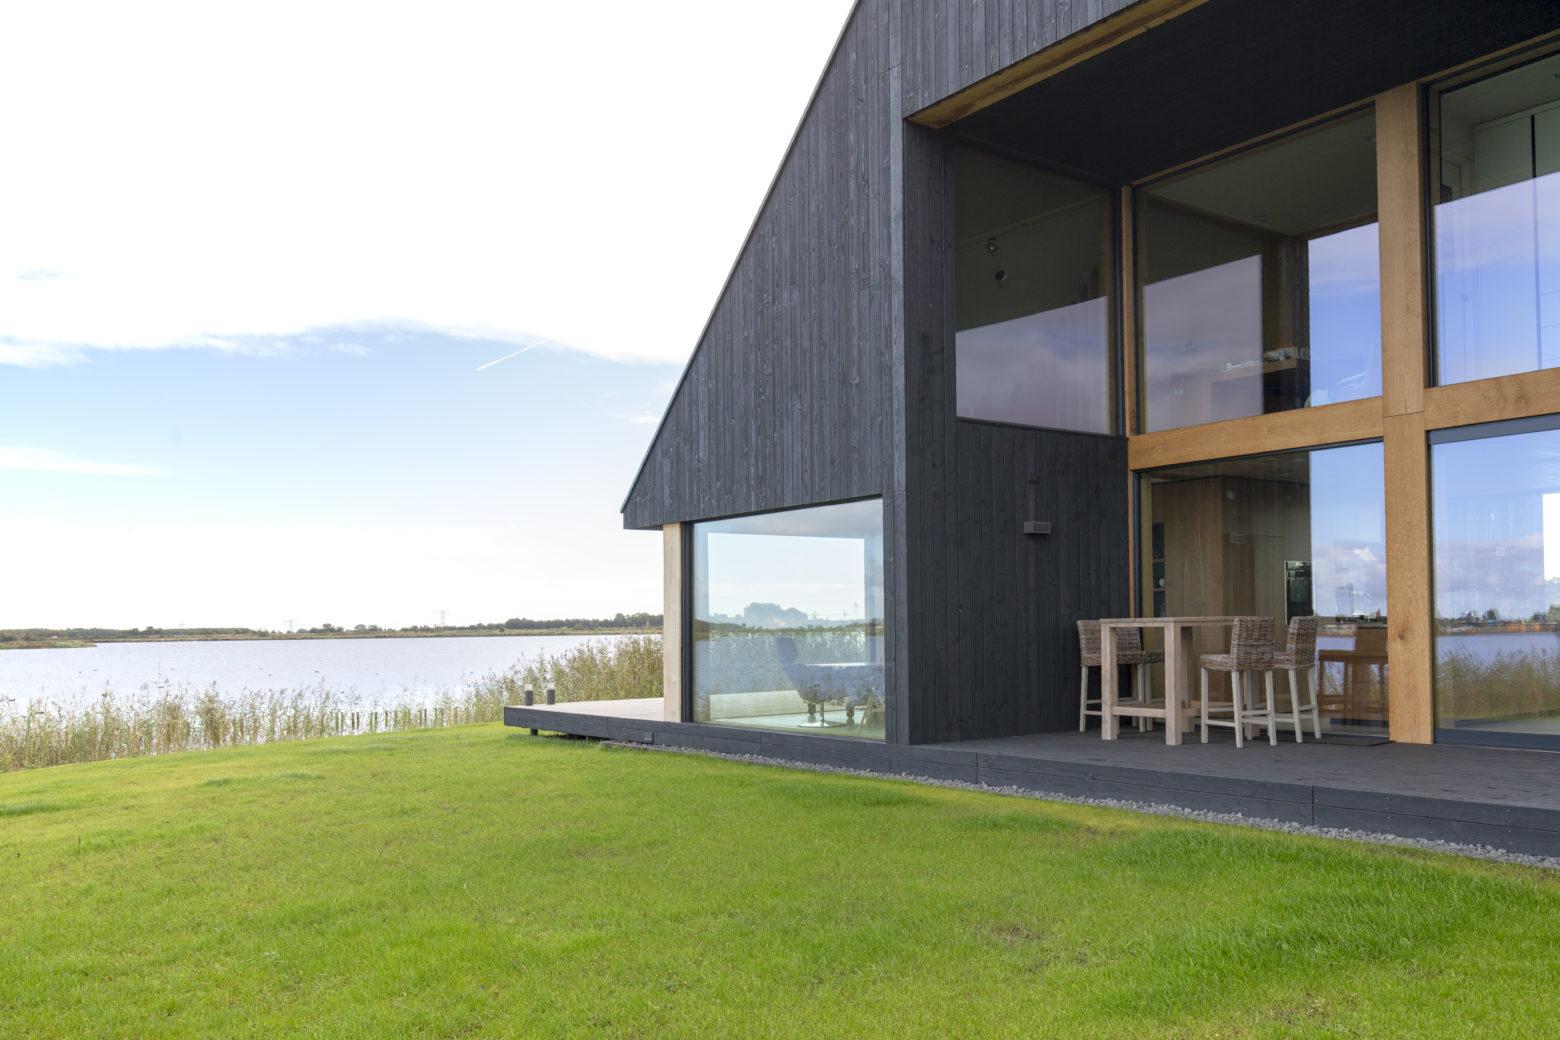 Meerstad voor de derde keer op rij genomineerd voor mooiste gebouw van Groningen